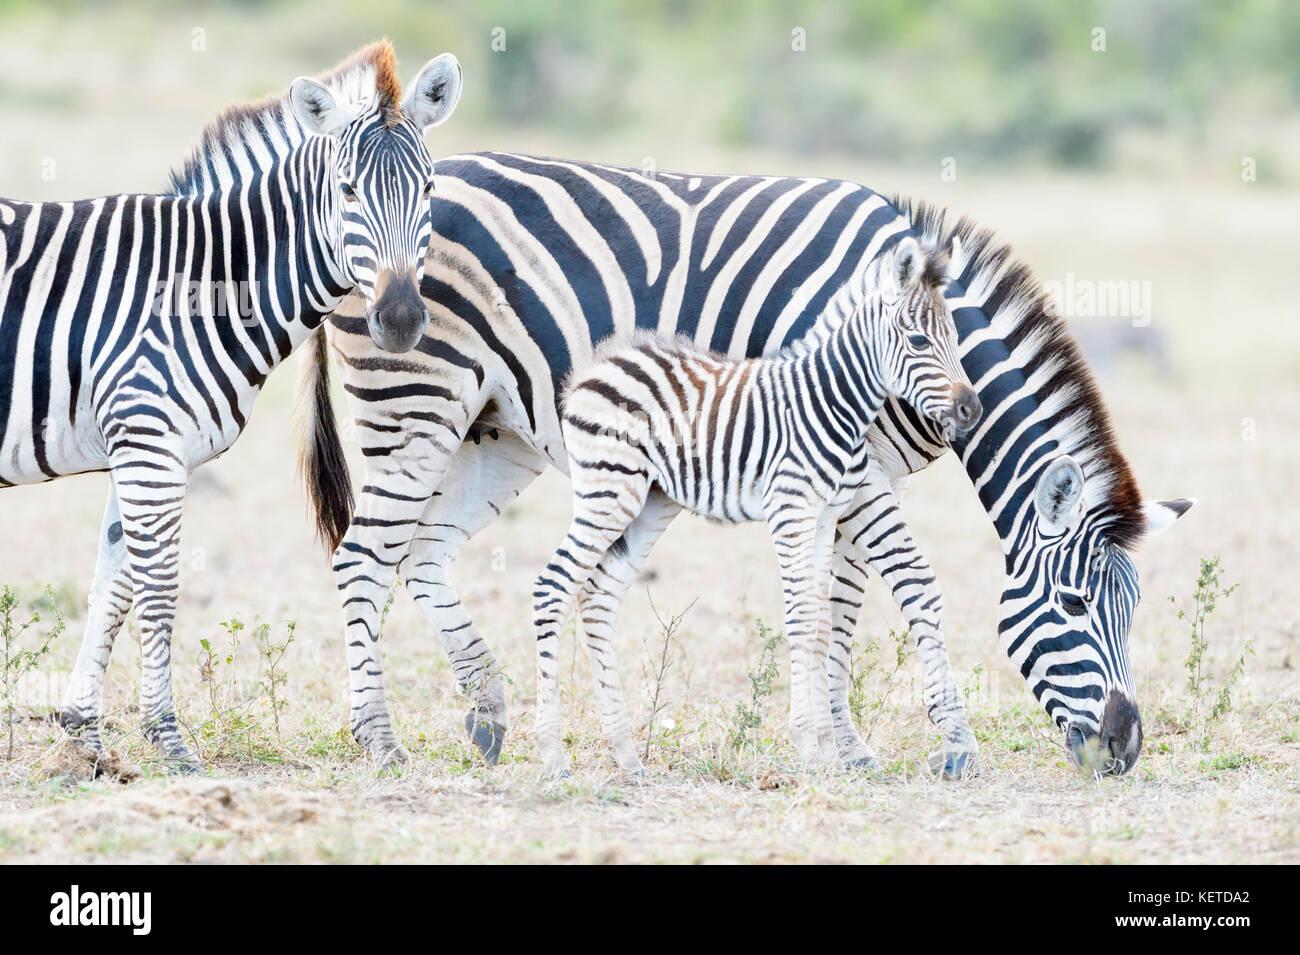 Zèbre des plaines (Equus quagga) la mère et son poulain sur la savane, le parc national Kruger, Afrique Photo Stock